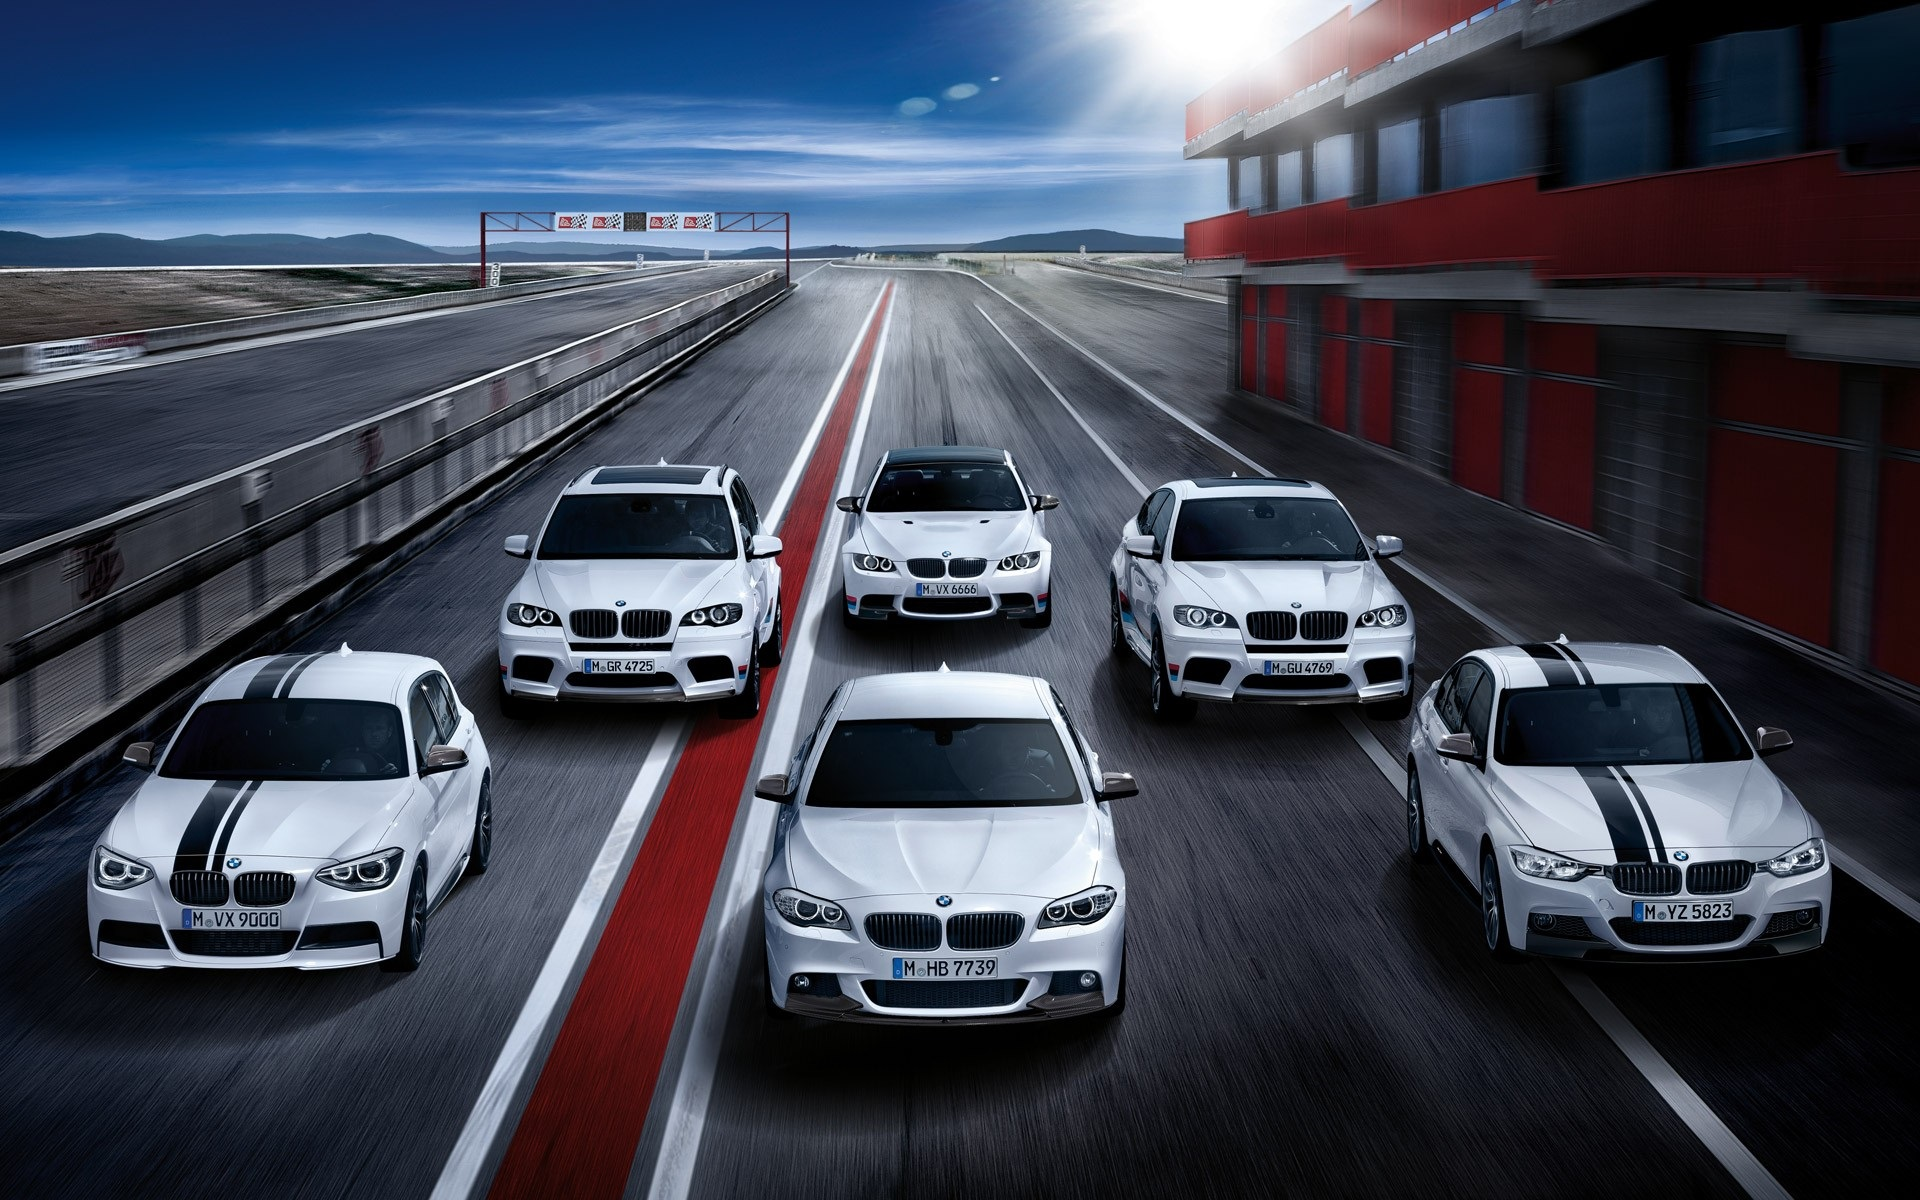 Много авто в одной картинке